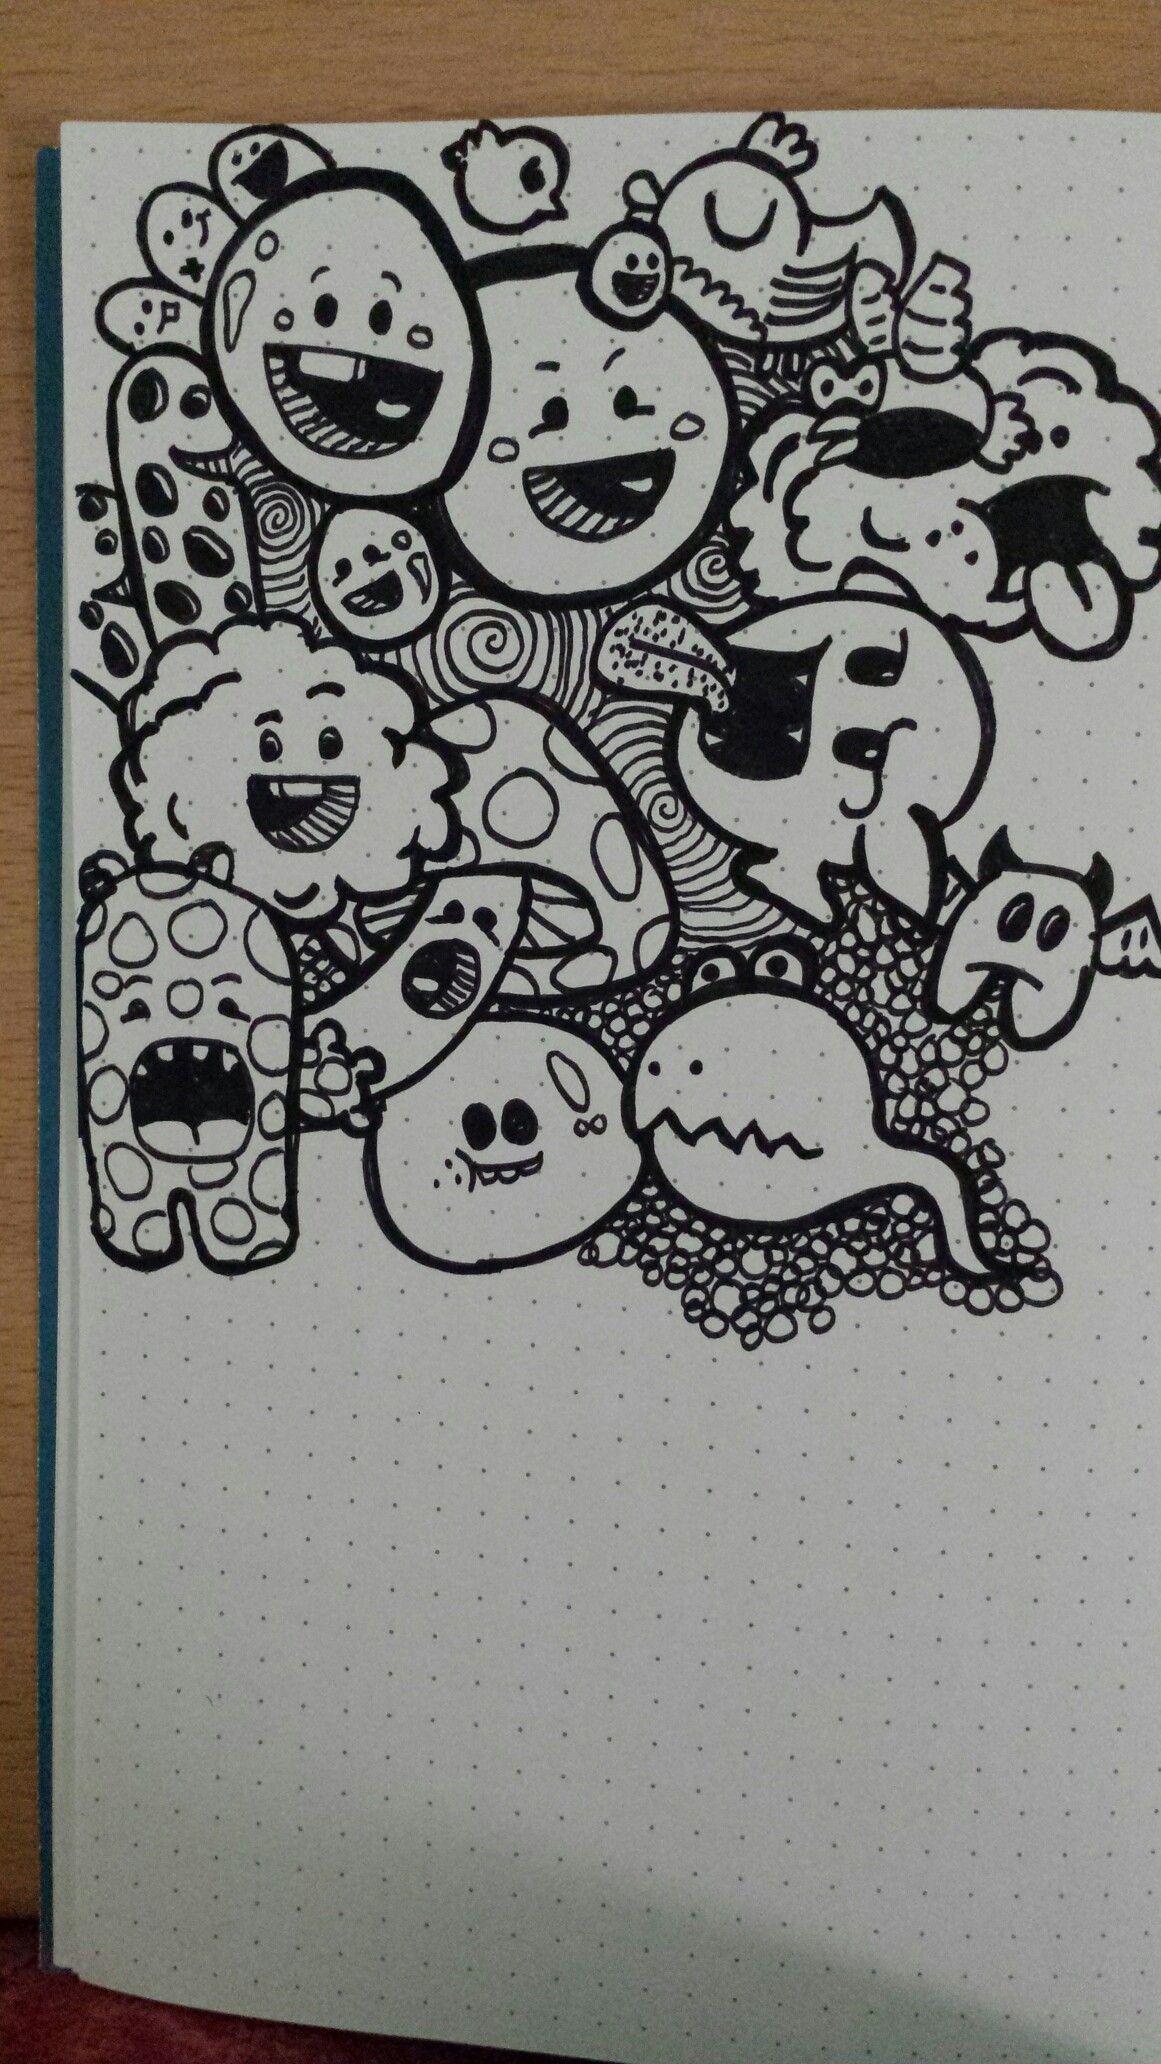 Doodles tumblr drawings easy easy doodles drawings easy cartoon drawings mini drawings